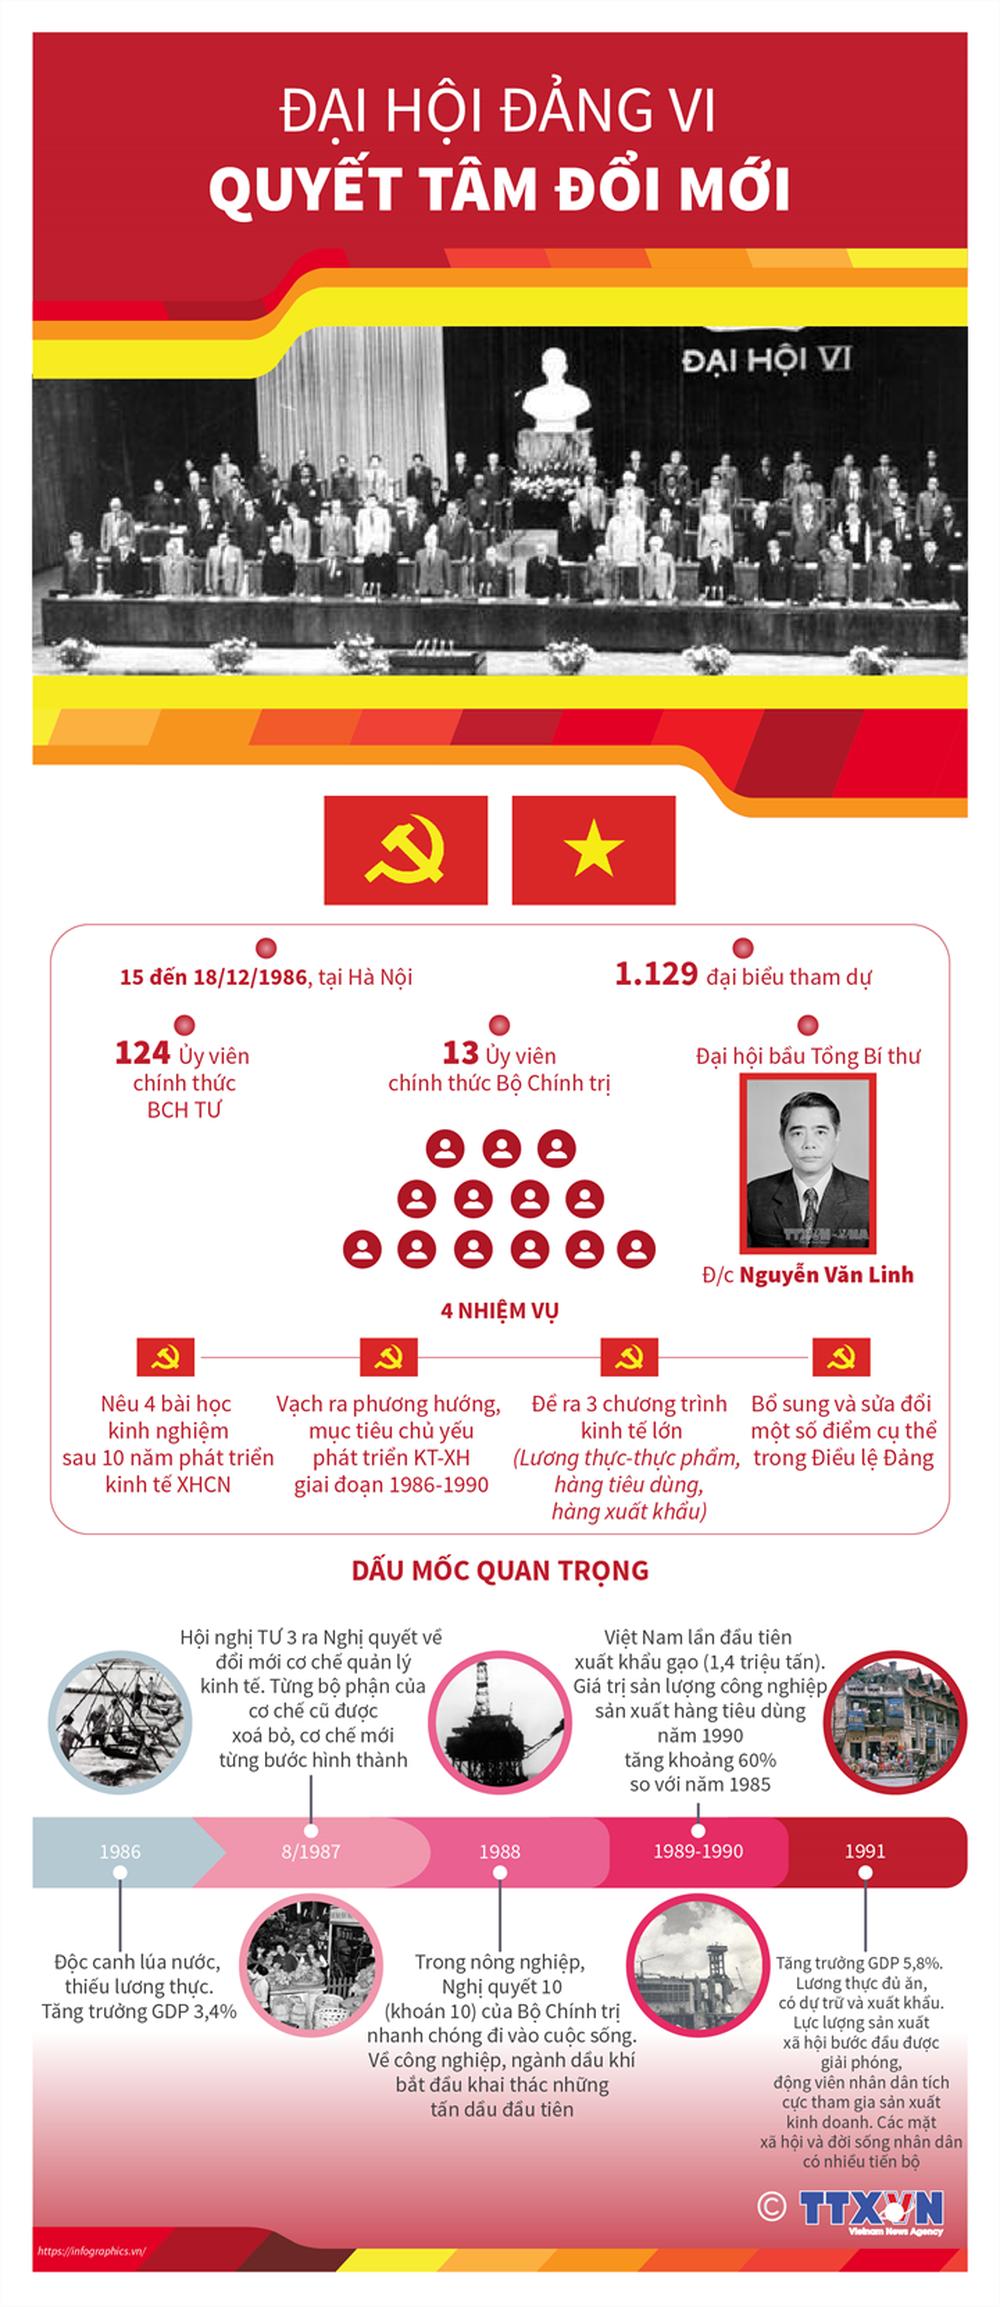 Nhìn lại 12 kỳ Đại hội của Đảng Cộng sản Việt Nam - Ảnh 6.